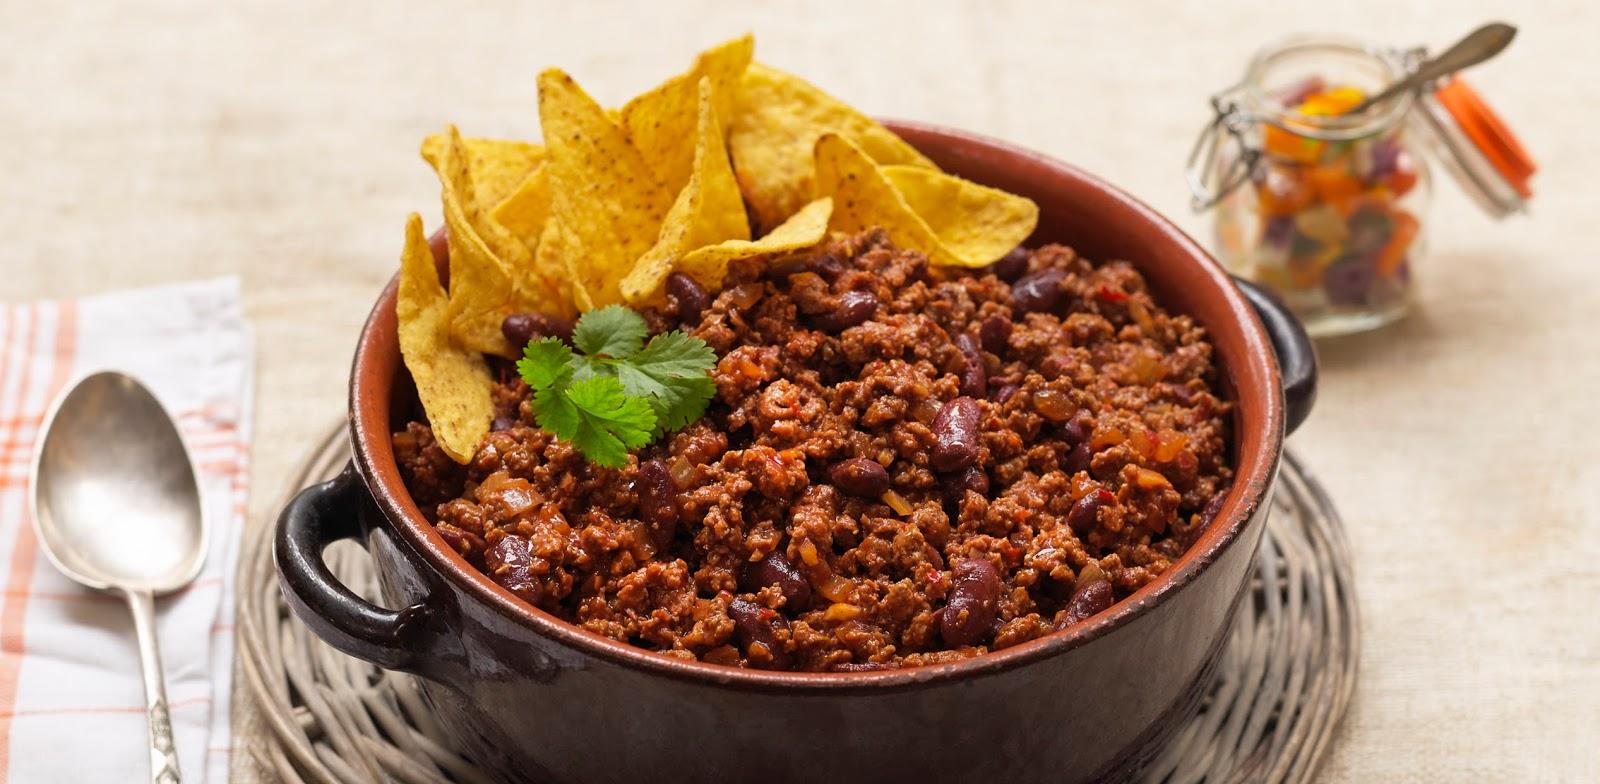 Quorn Meat Free Quick Chilli Con Carne